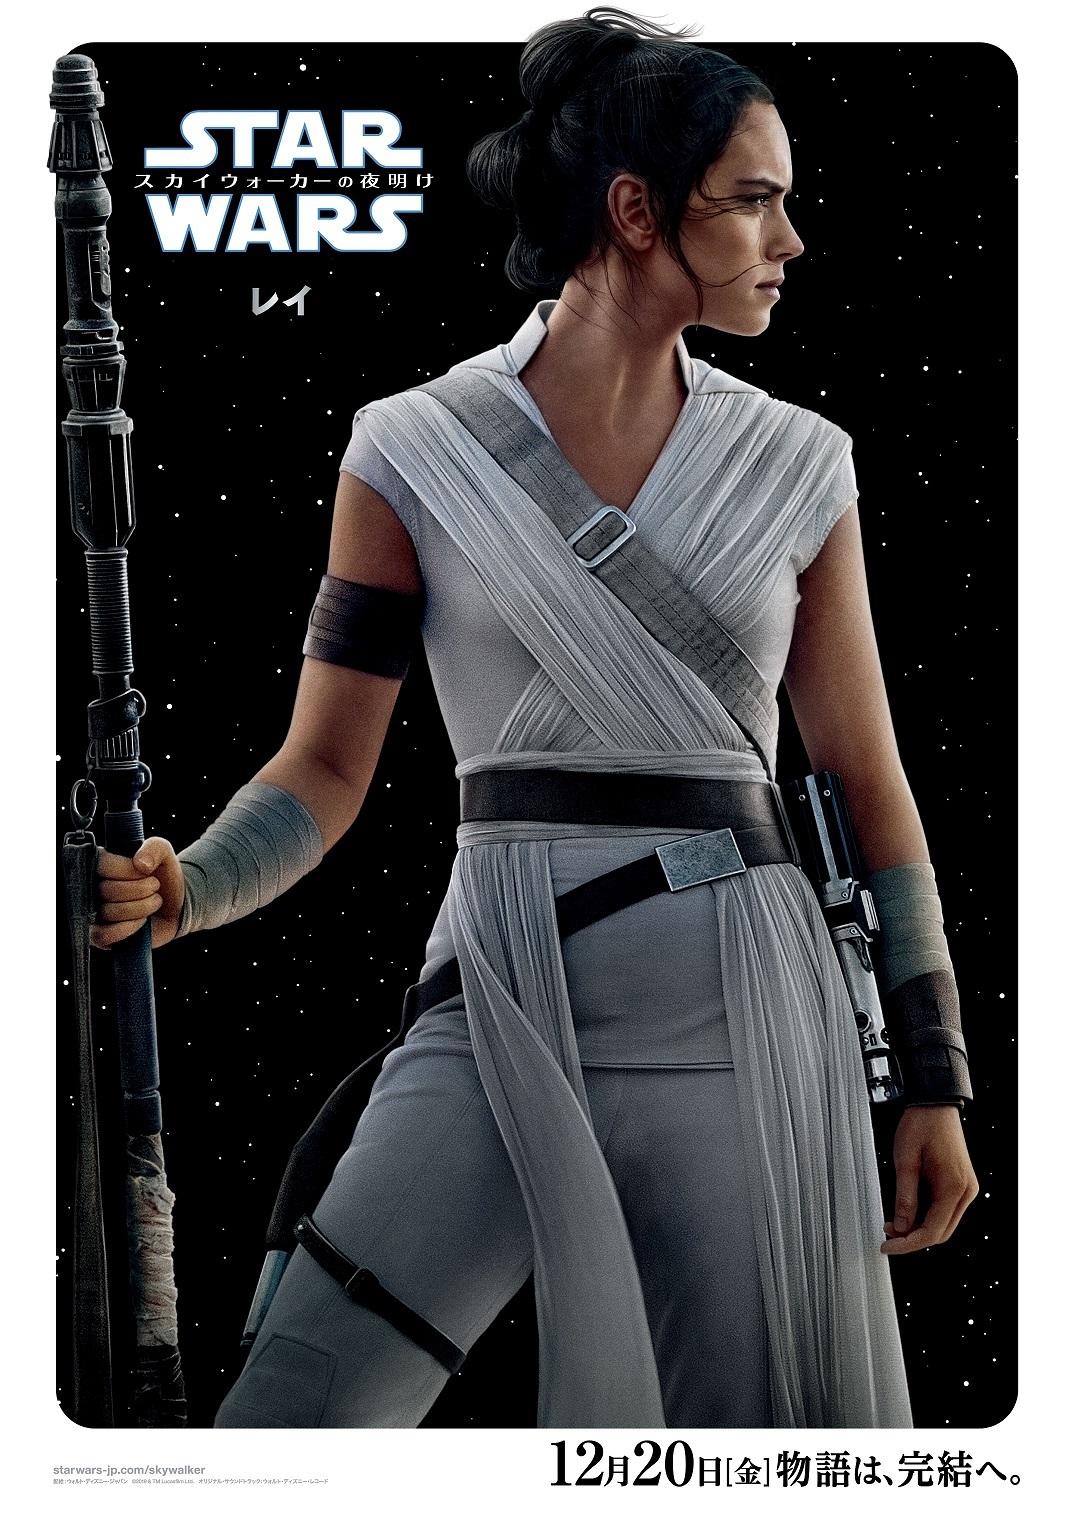 レイ (C)2019 Lucasfilm Ltd. All Rights Reserved.